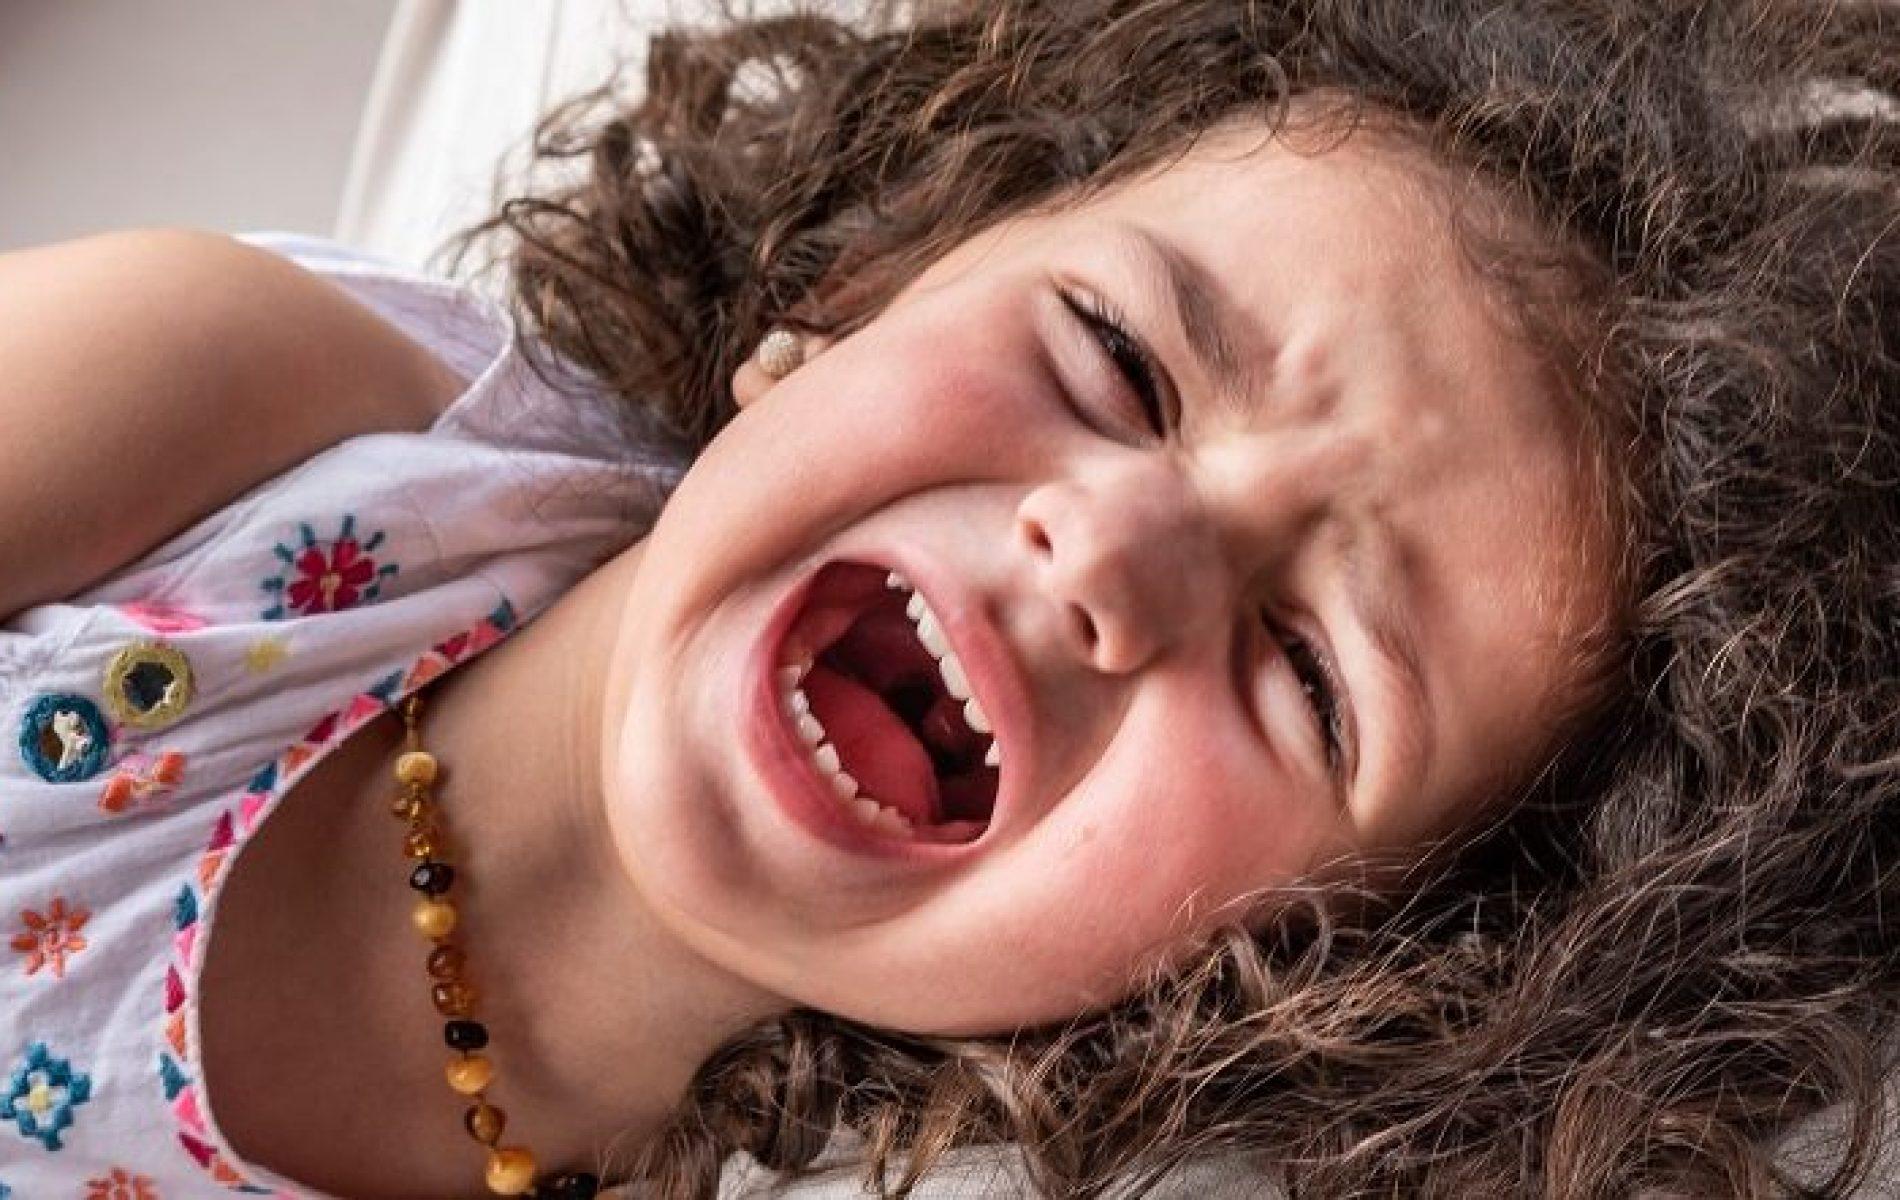 girl lying down having temper tantrum